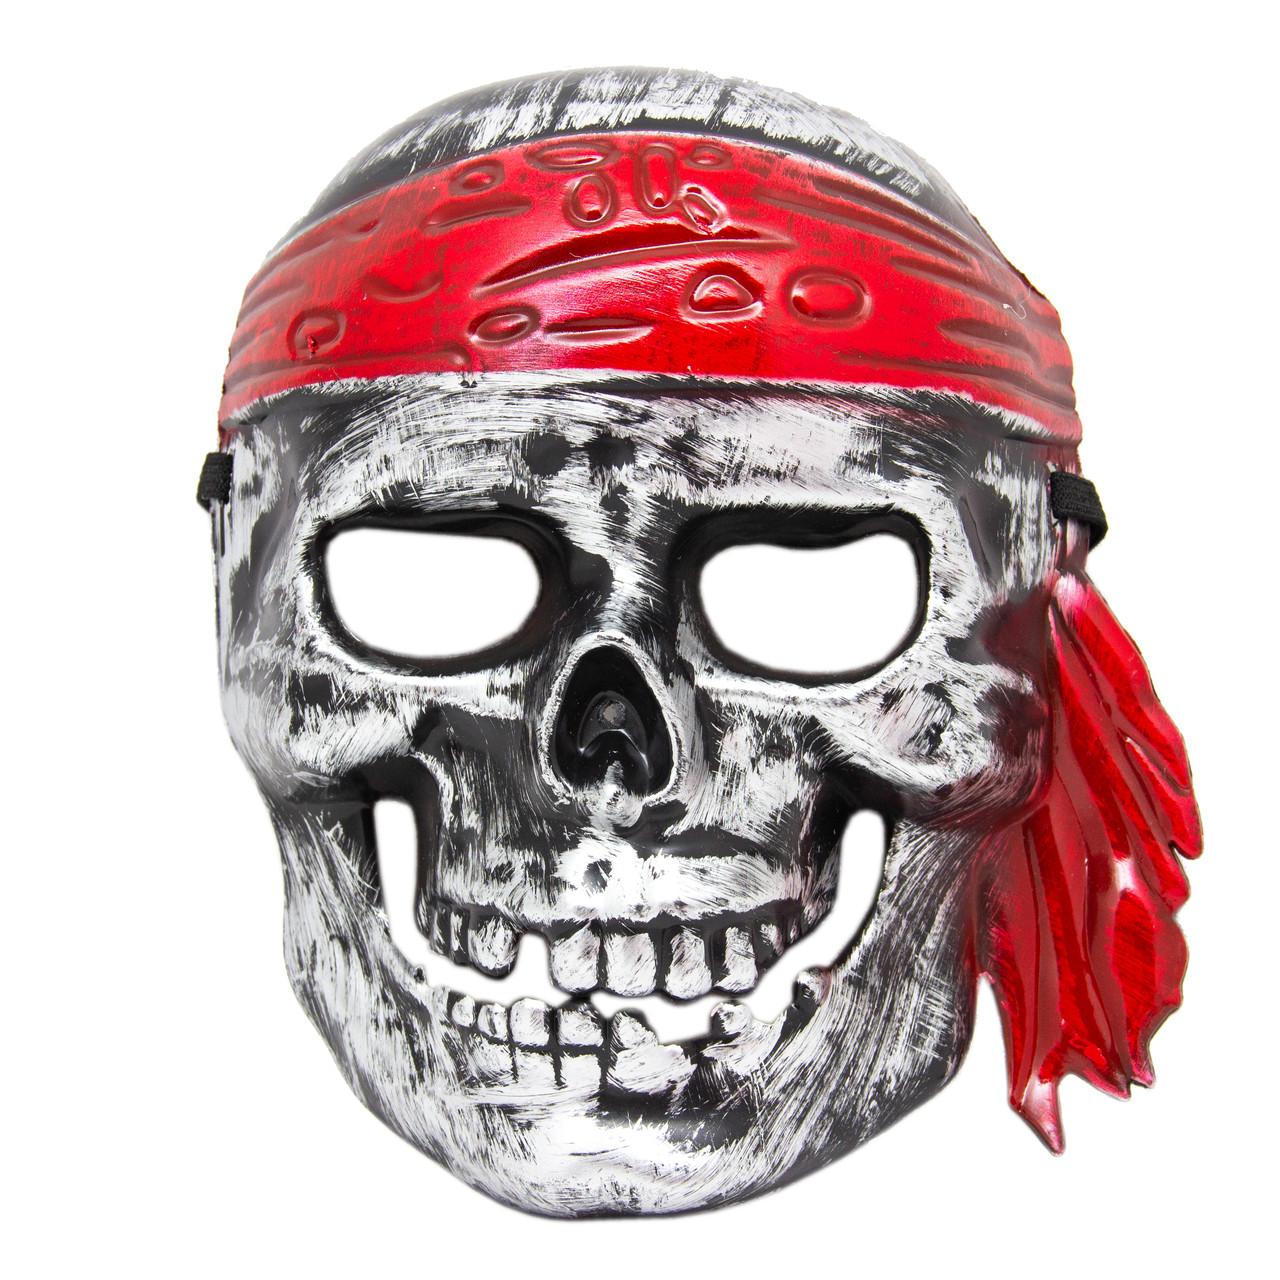 """Карнавальная маска - """"Череп в бандане"""", 18*21,5 см, ПВХ, белый (462490)"""